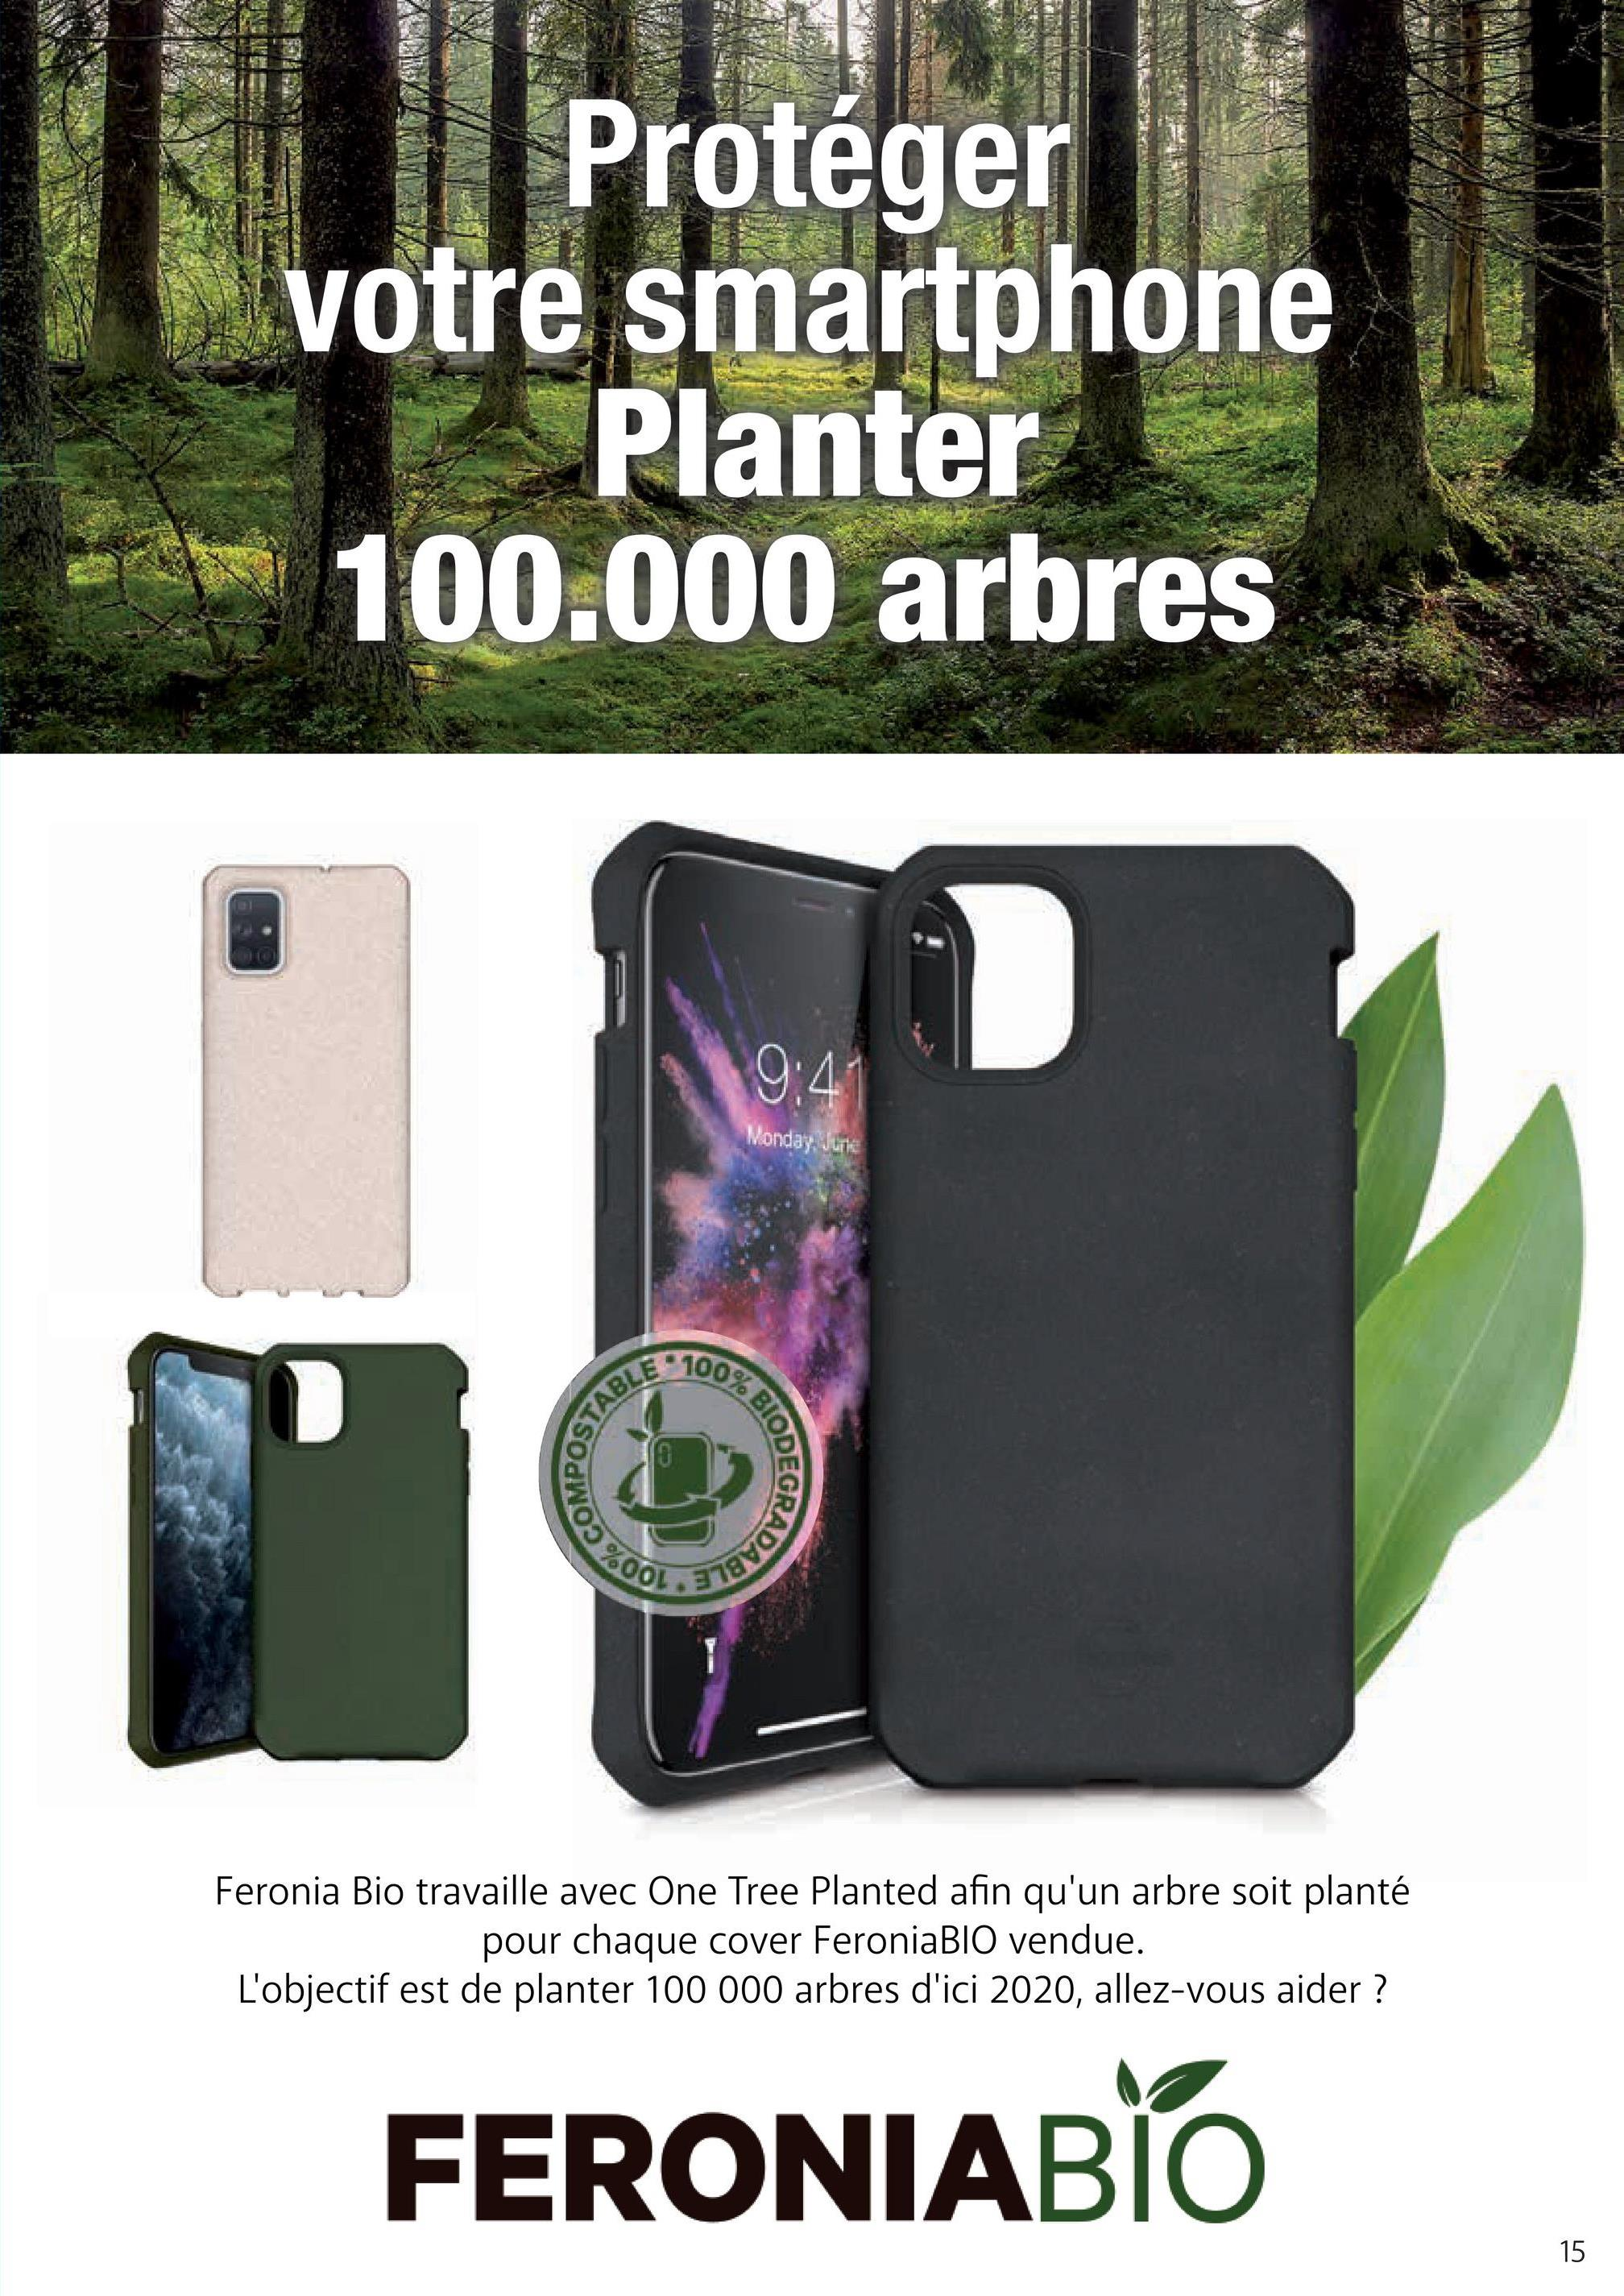 Protéger votre smartphone Planter 100.000 arbres 9:4 Monday. Ulike 100% stavan Feronia Bio travaille avec One Tree Planted afin qu'un arbre soit planté pour chaque cover FeroniaBIO vendue. L'objectif est de planter 100 000 arbres d'ici 2020, allez-vous aider ? FERONIABIO 15